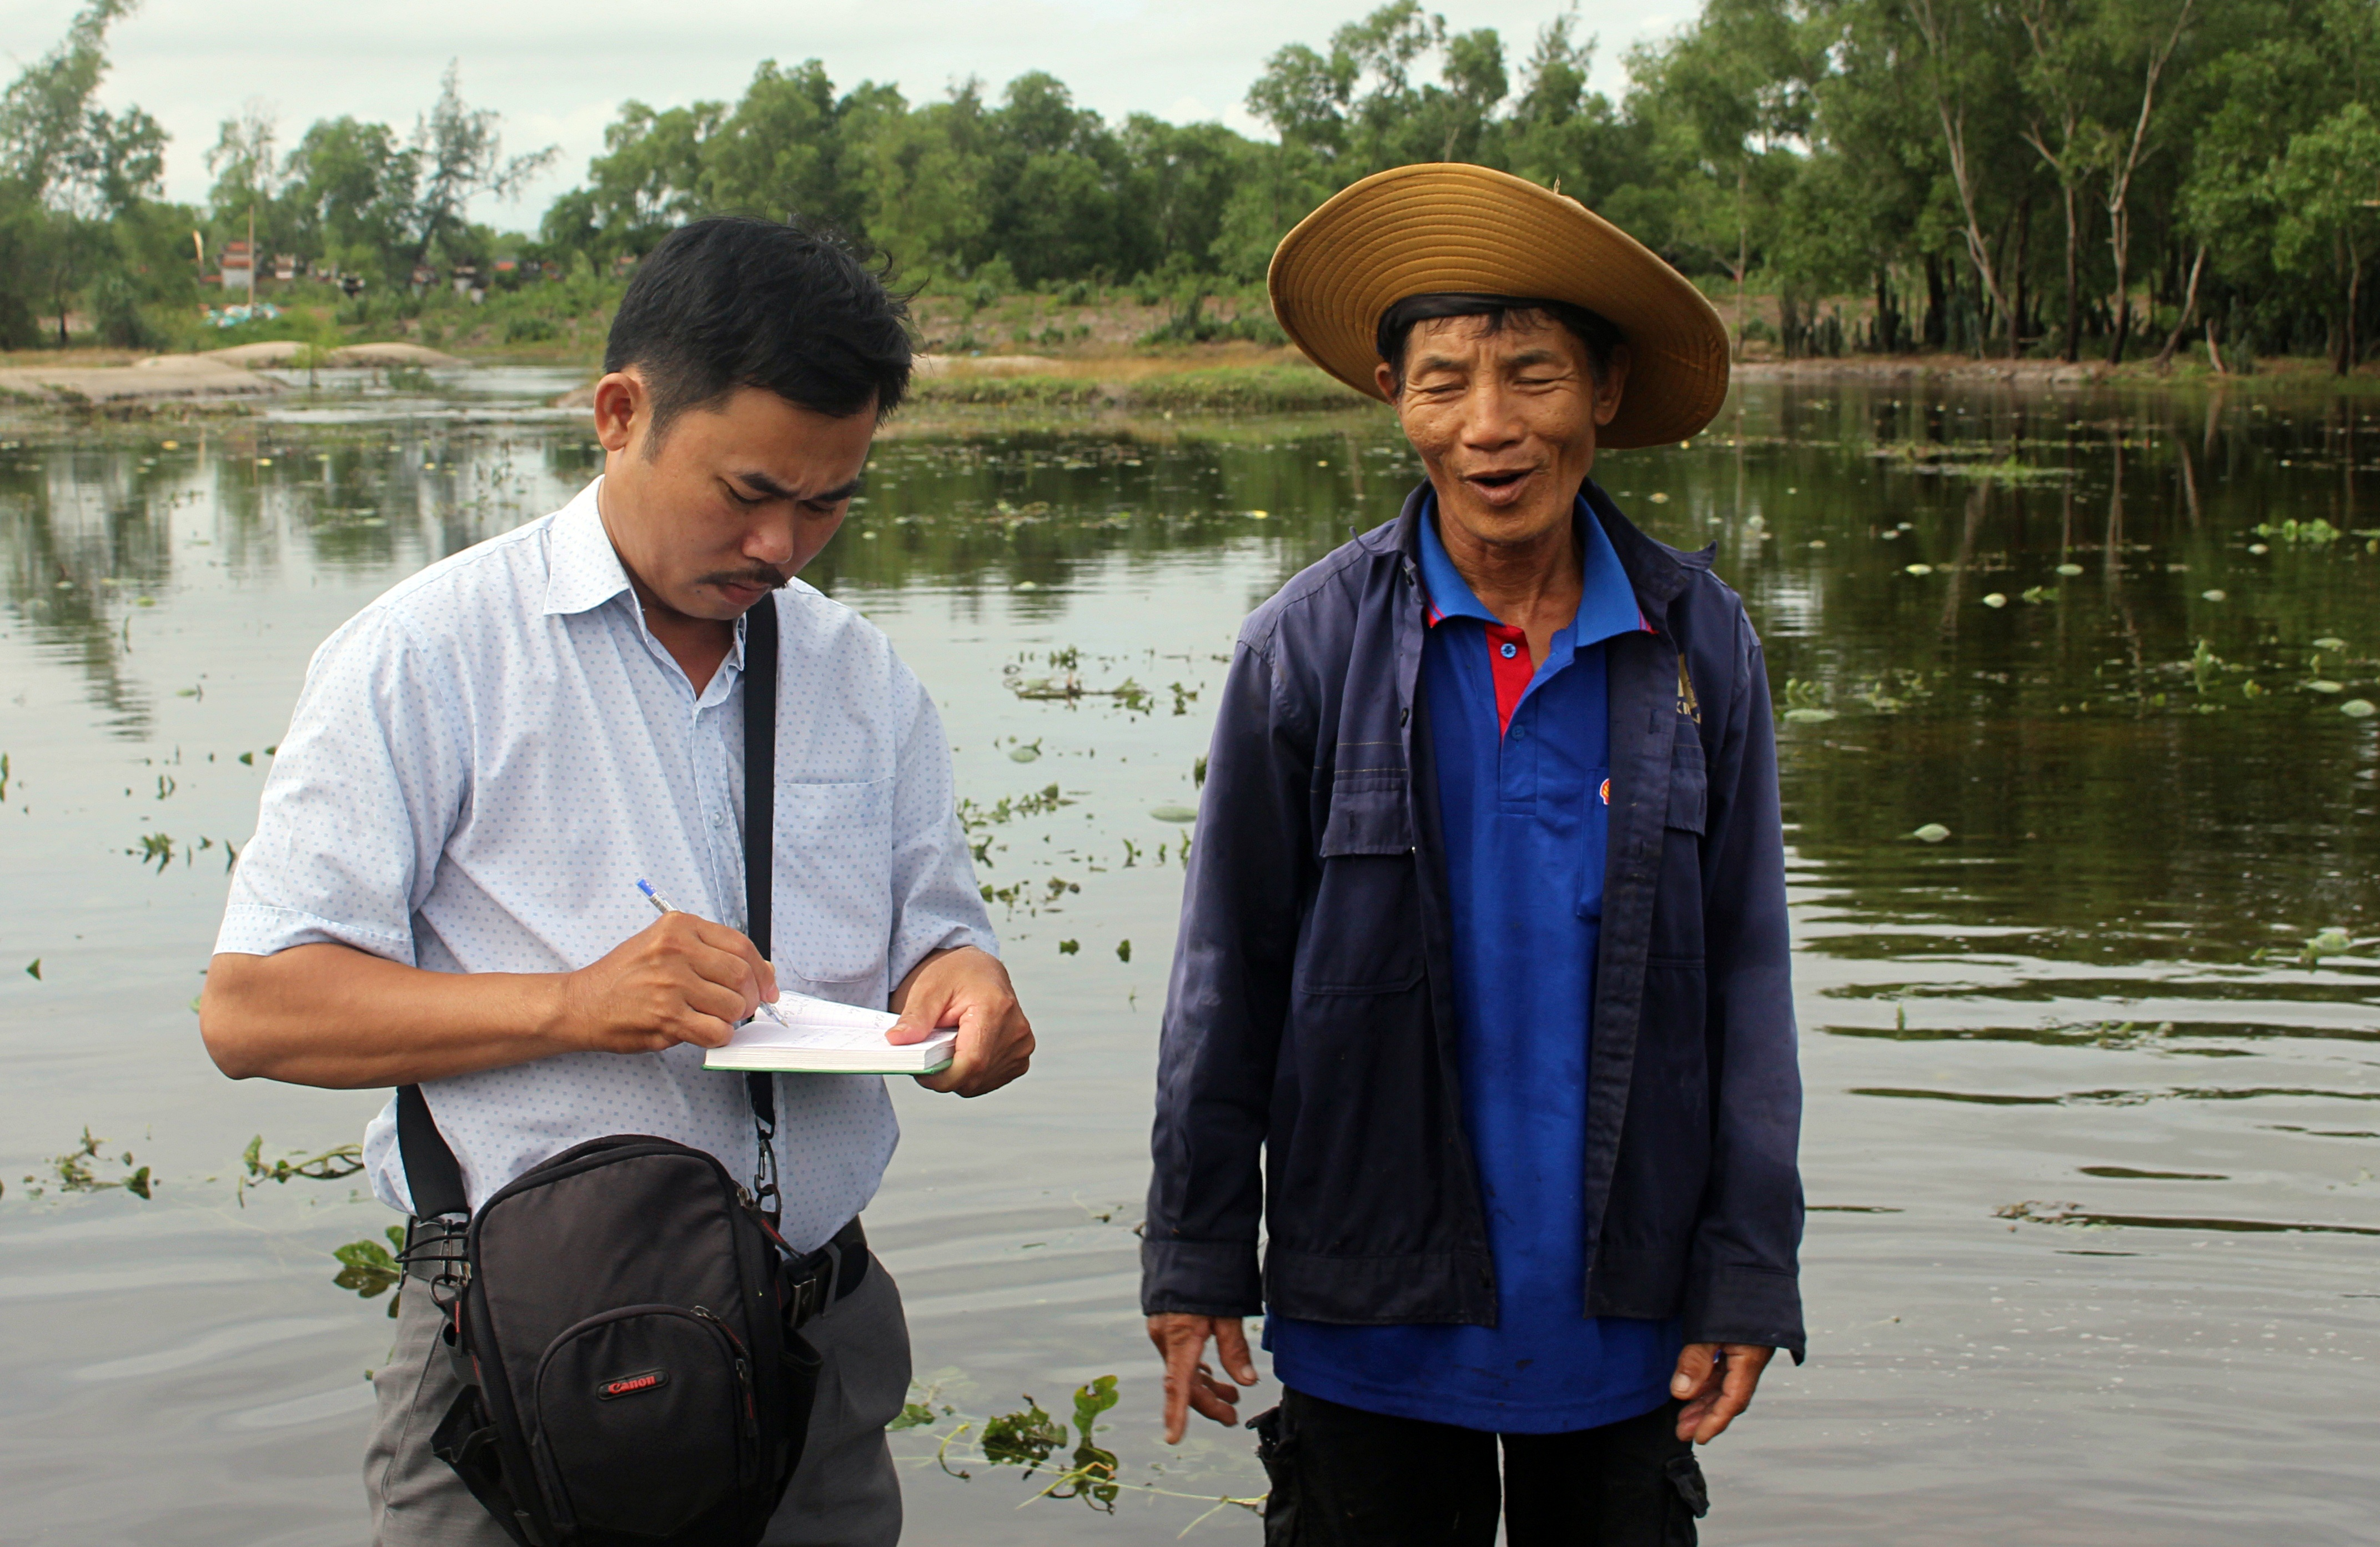 Trắng tay sau cơn bão số 4, hàng trăm nông dân ở Quảng Trị đổ dưa hấu cho gà vịt ăn - Ảnh 12.